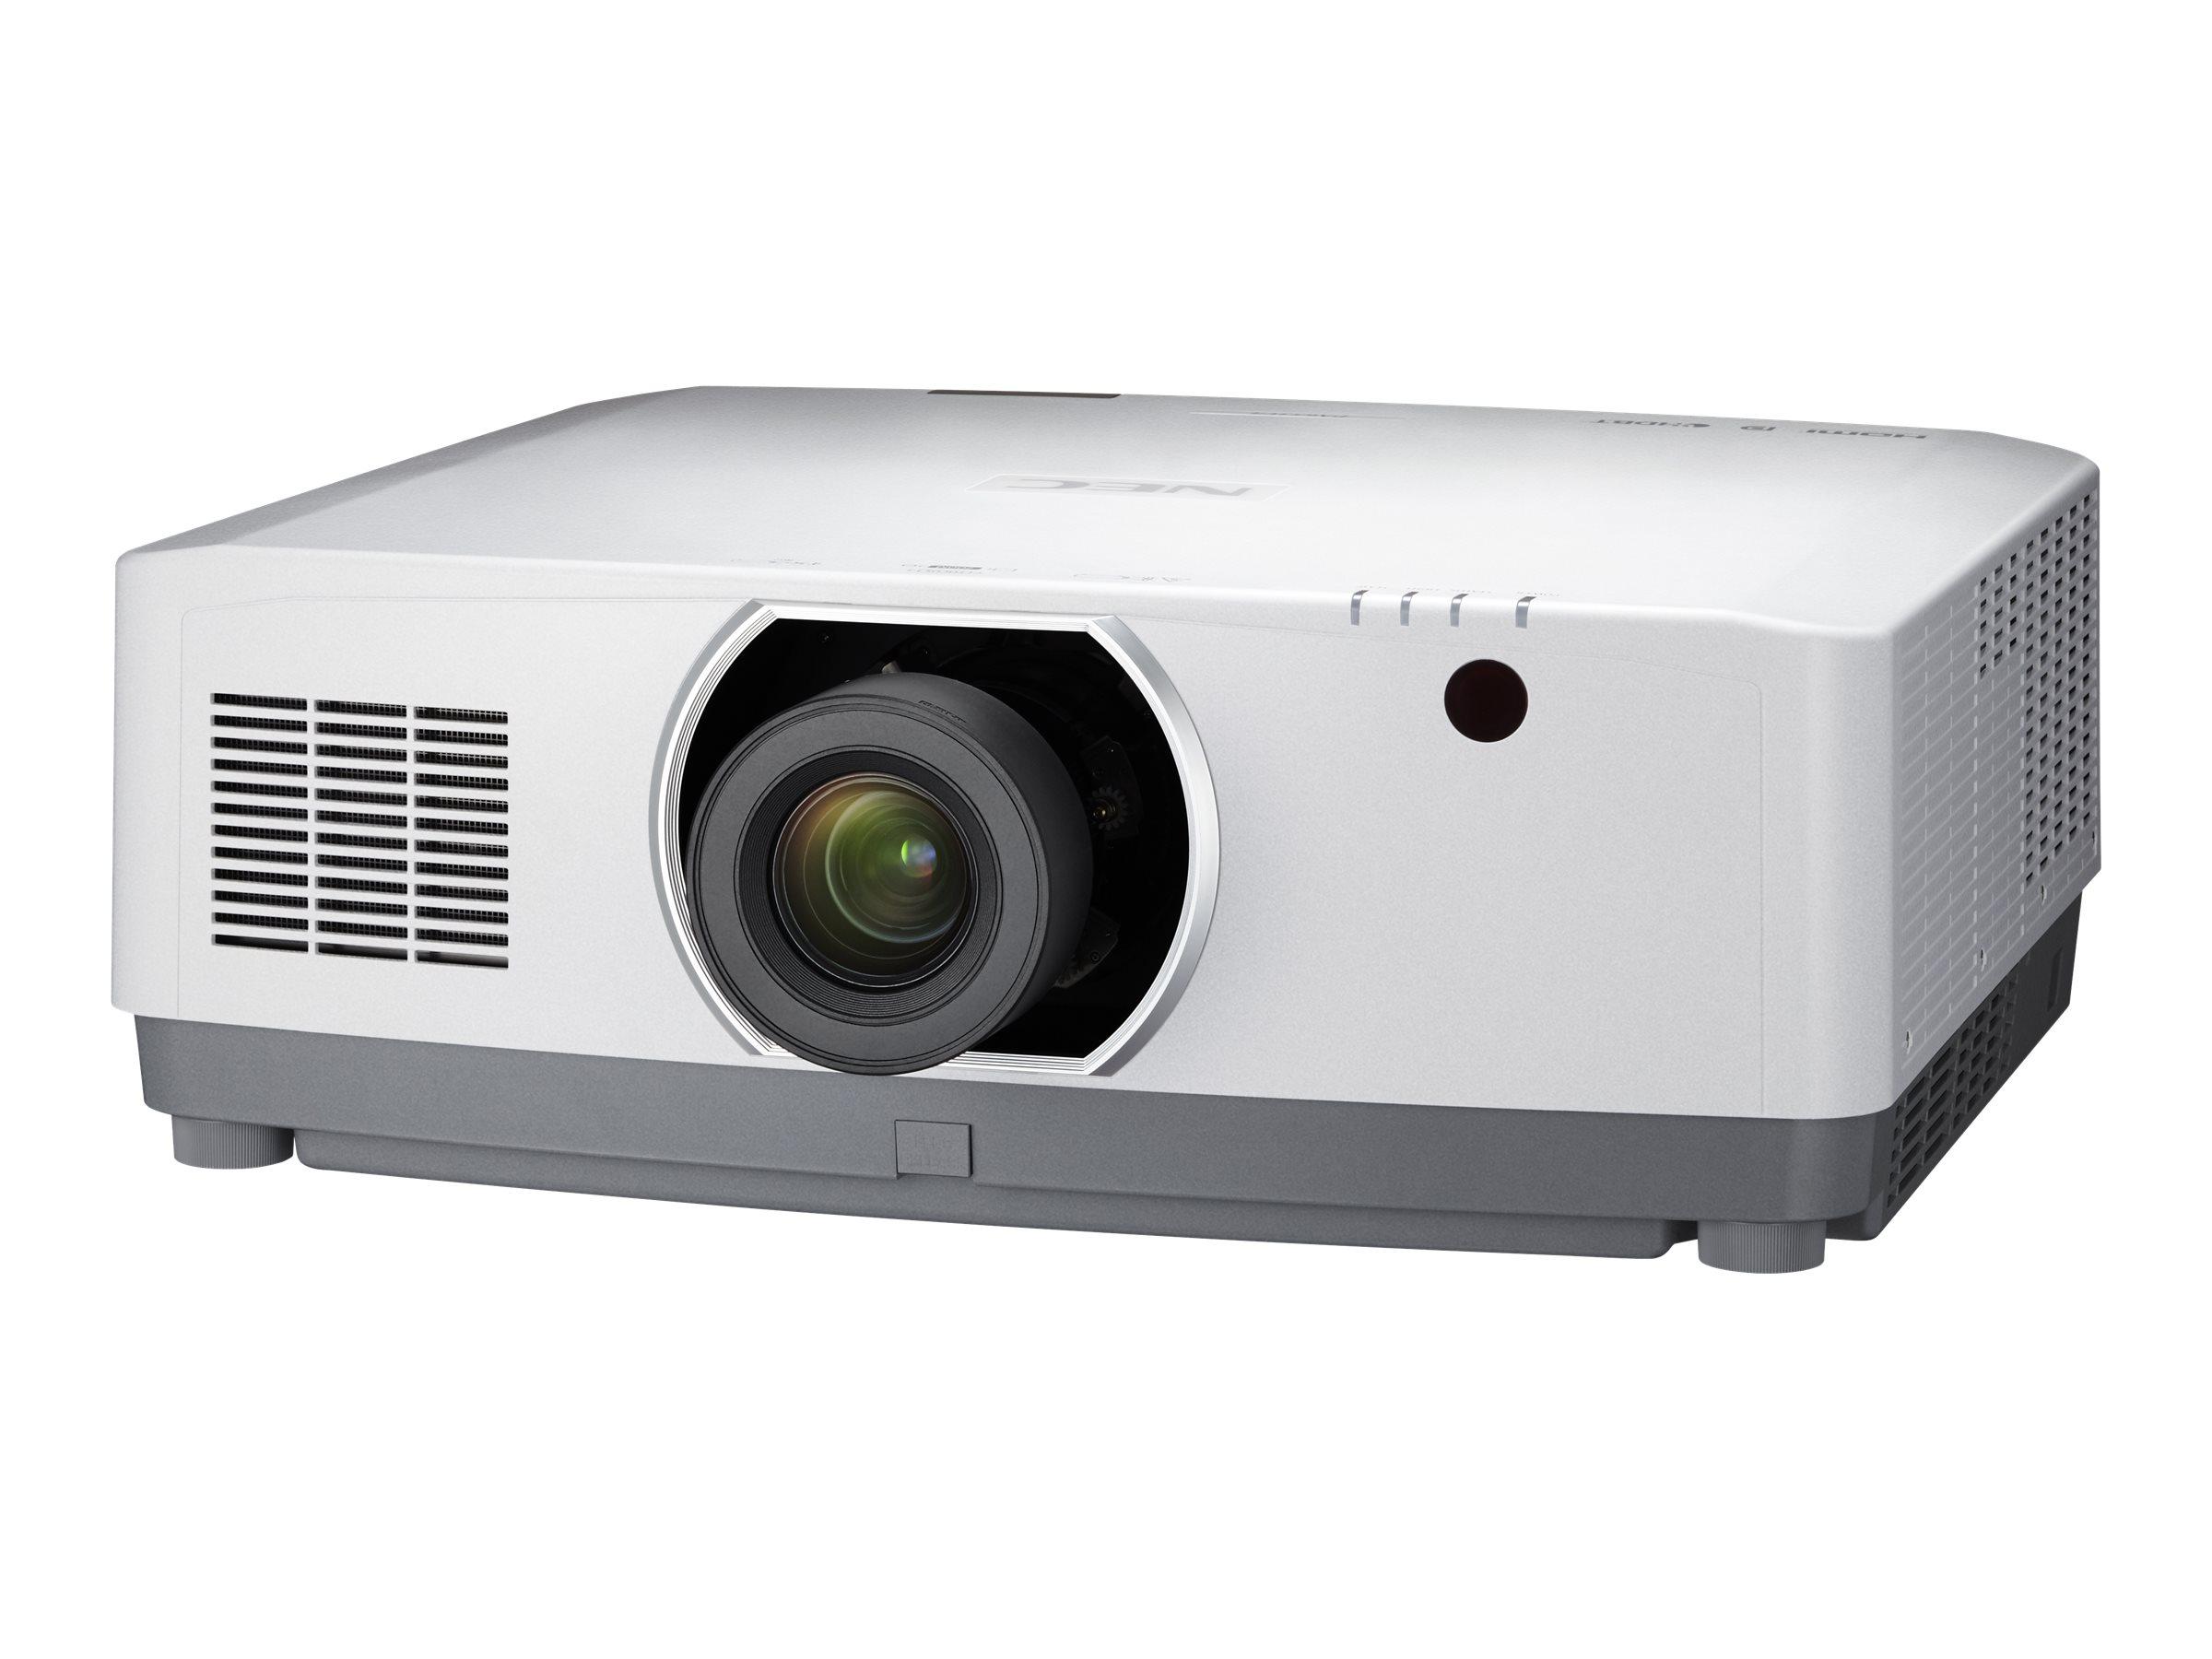 NEC PA653UL - 3-LCD-Projektor - 3D - 6500 ANSI-Lumen - WUXGA (1920 x 1200) - 16:10